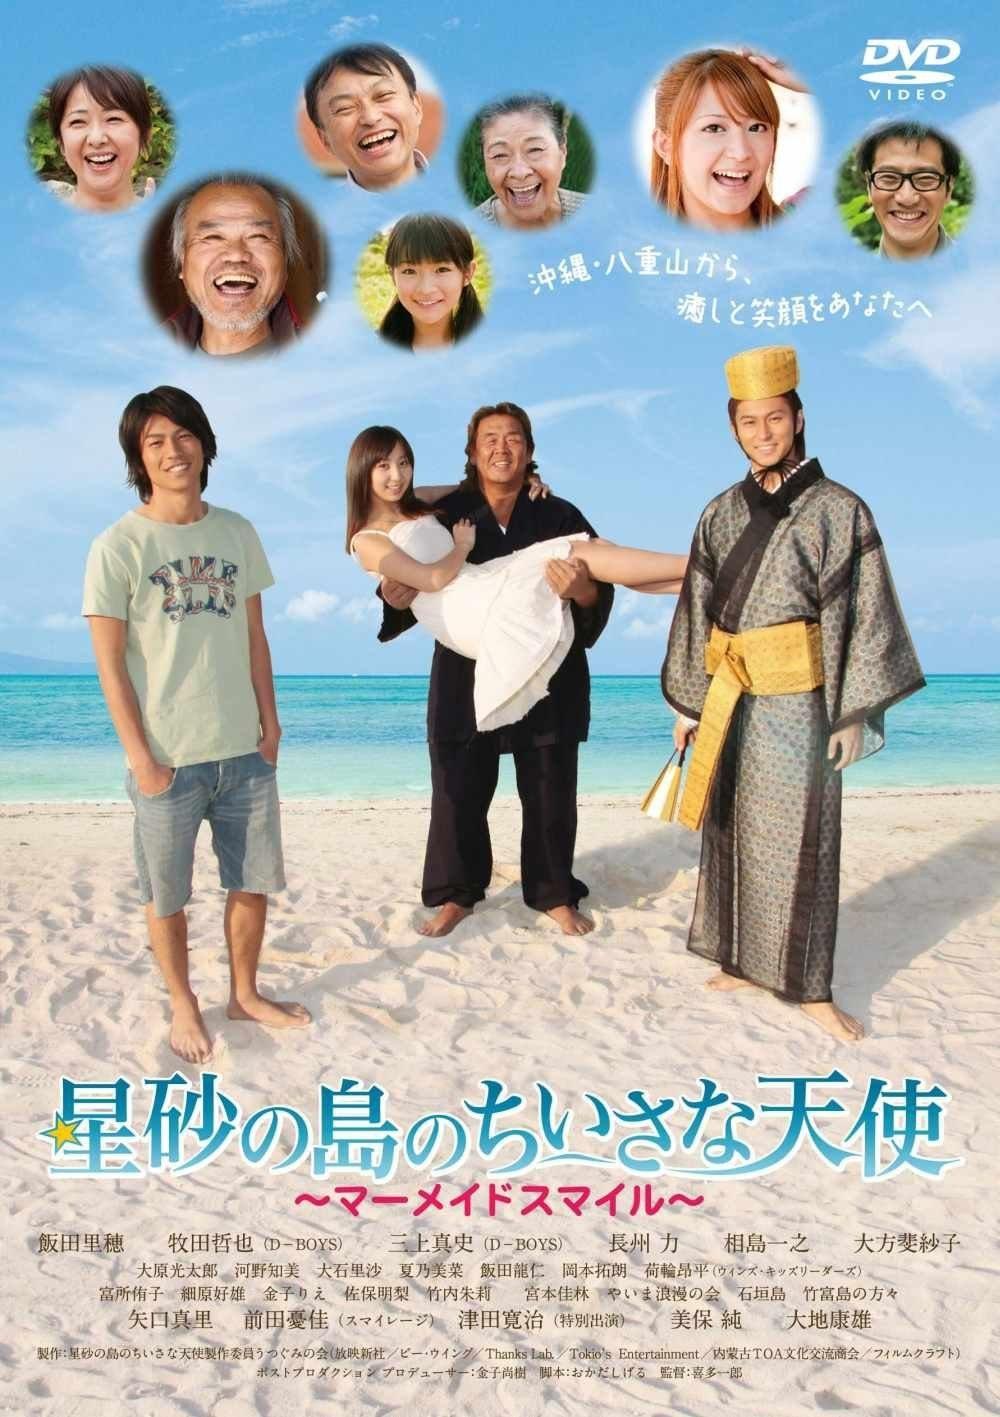 星砂の島のちいさな天使 ~マーメイドスマイル~ 飯田里穂